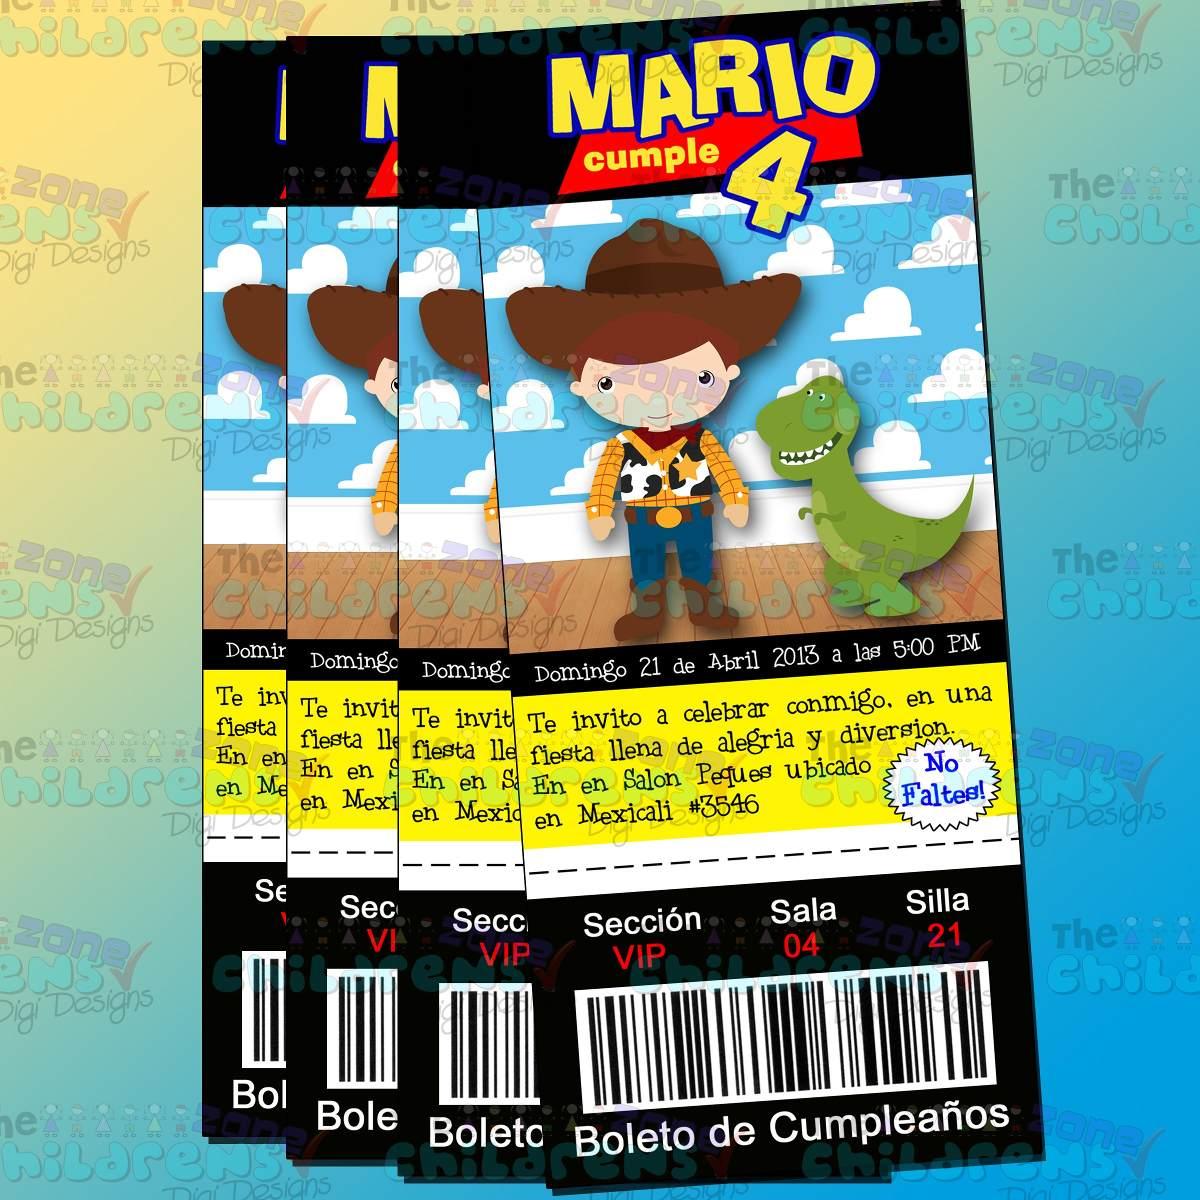 Invitaciones Toy Story Woody Buzz Jessy Ticket 100 00 En Mercado